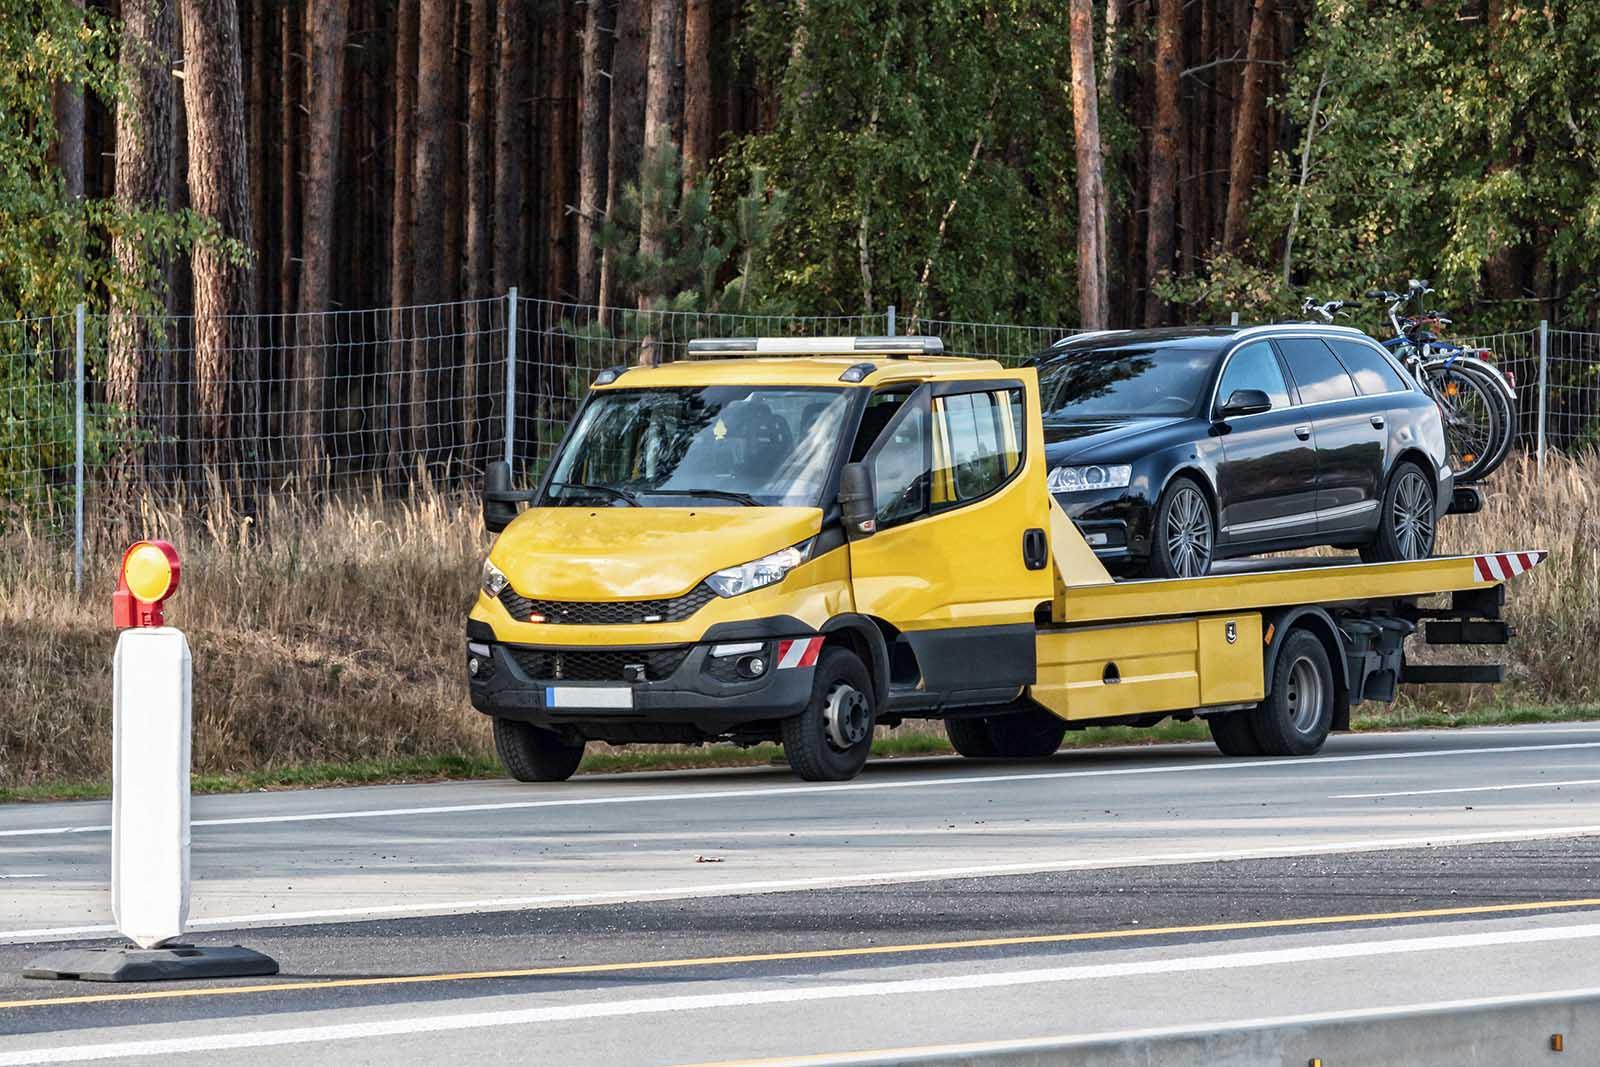 Vår bilskrot i Norrköping erbjuda bästa möjliga service till alla våra kunder. Kontakta oss på vår bilskrot i Norrköping.